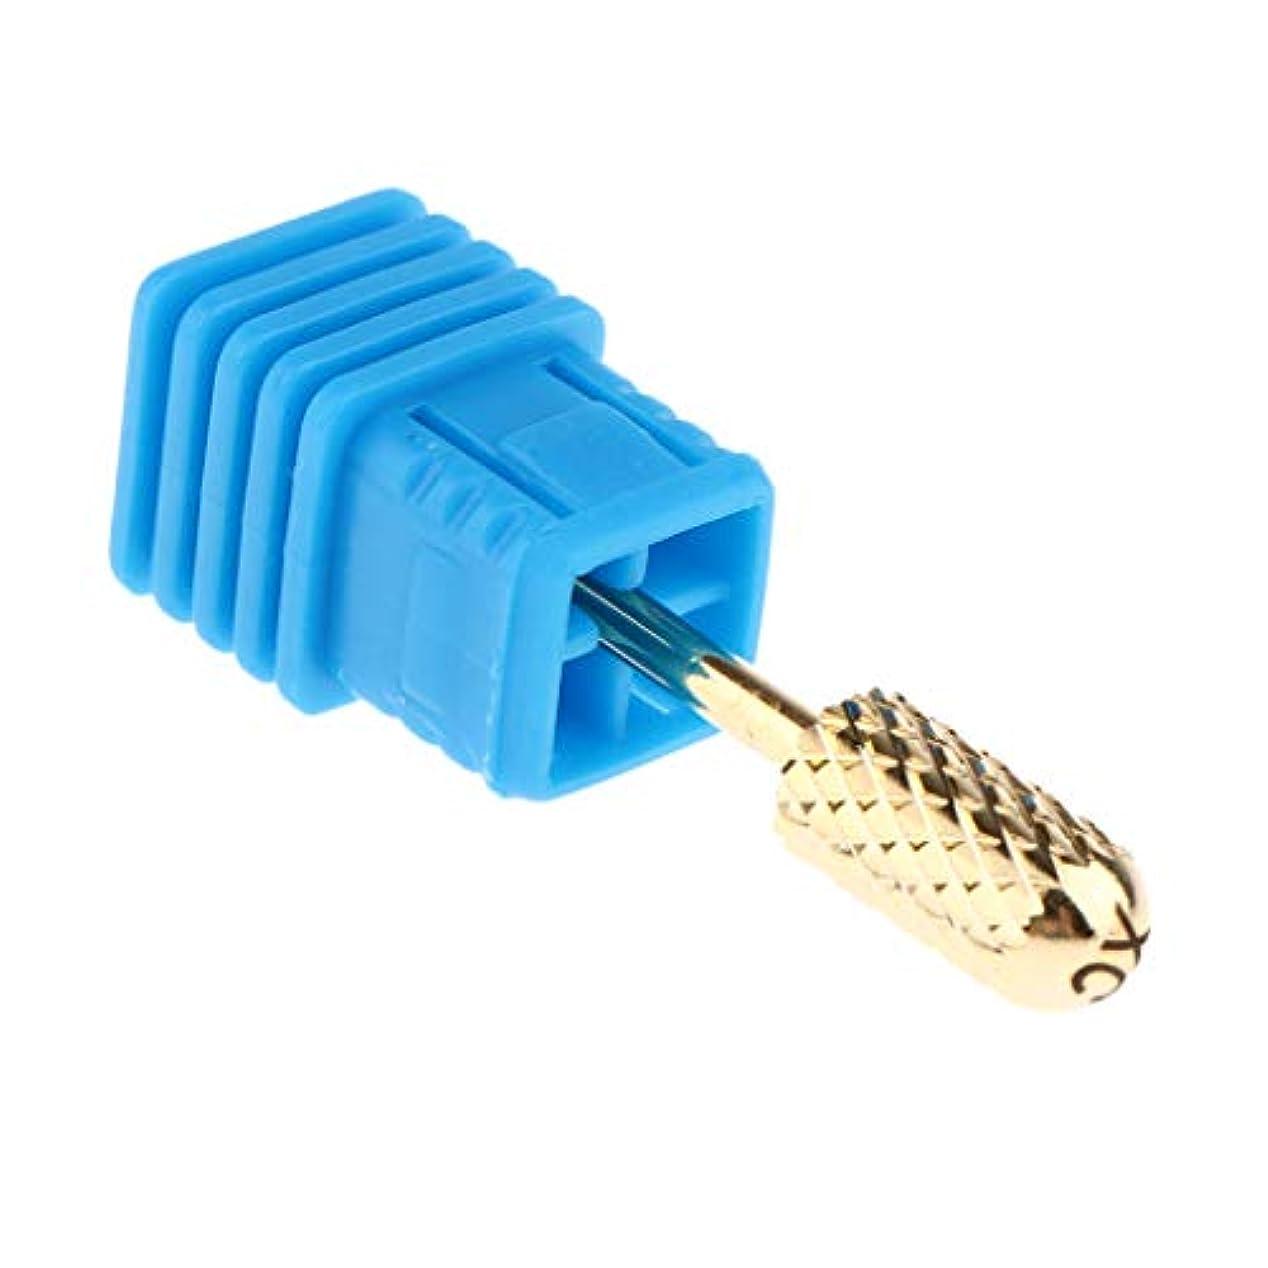 逆さまにご注意口頭ネイル研磨ヘッド ネイルドリルビット 高硬度 ネイルアート ネイルデザイン用 全4選択 - #4